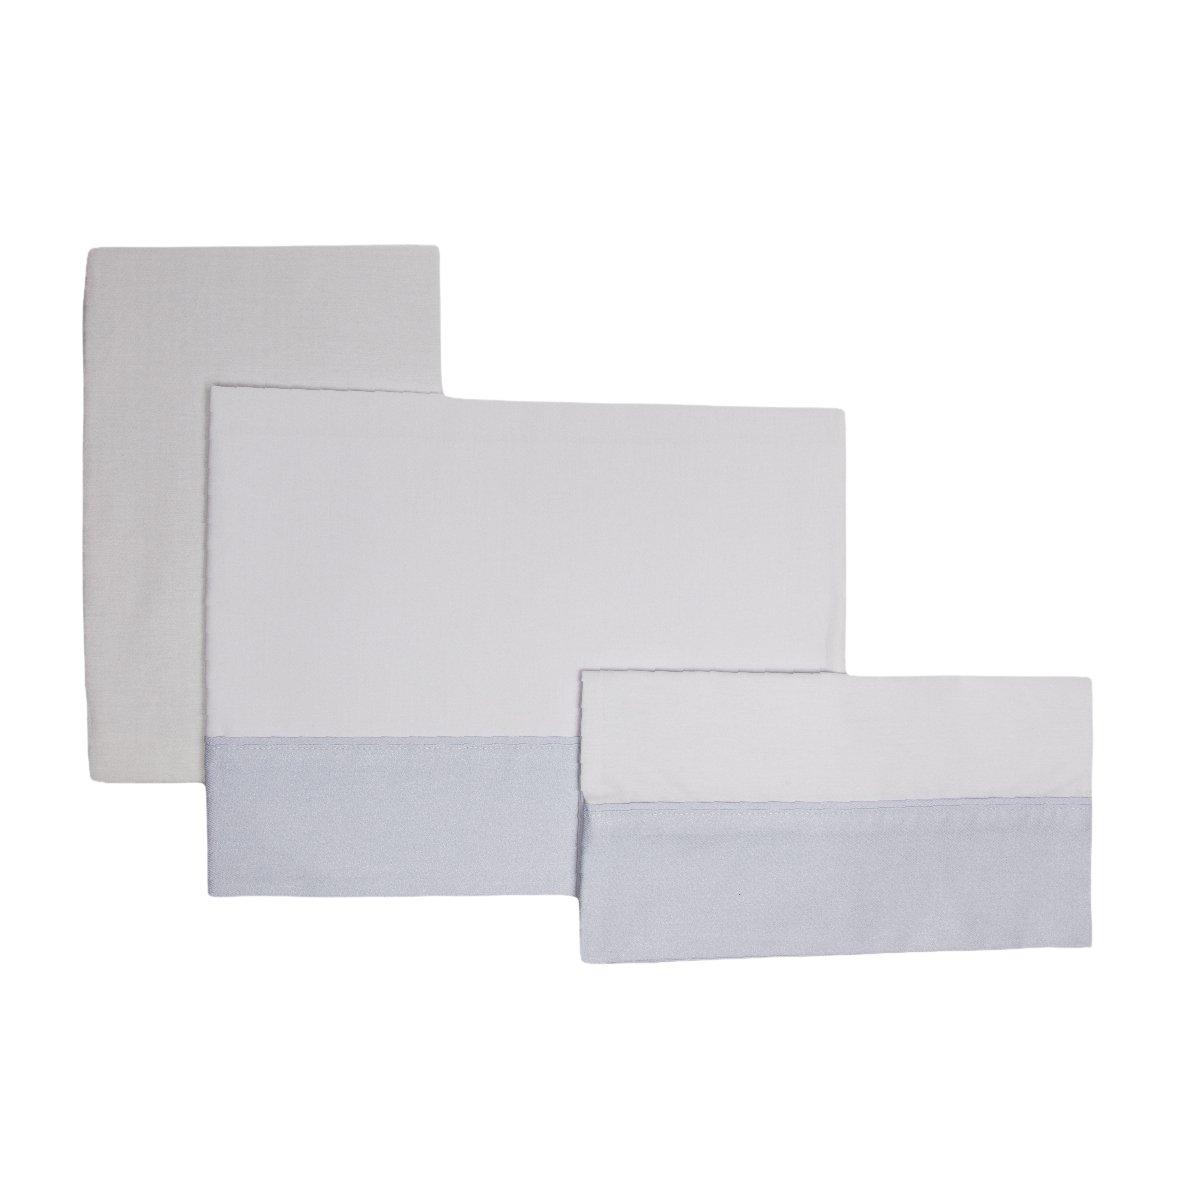 Cambrass Keito - Sabana capazo, 3 piezas, 80 x 120 cm, color celeste 35927